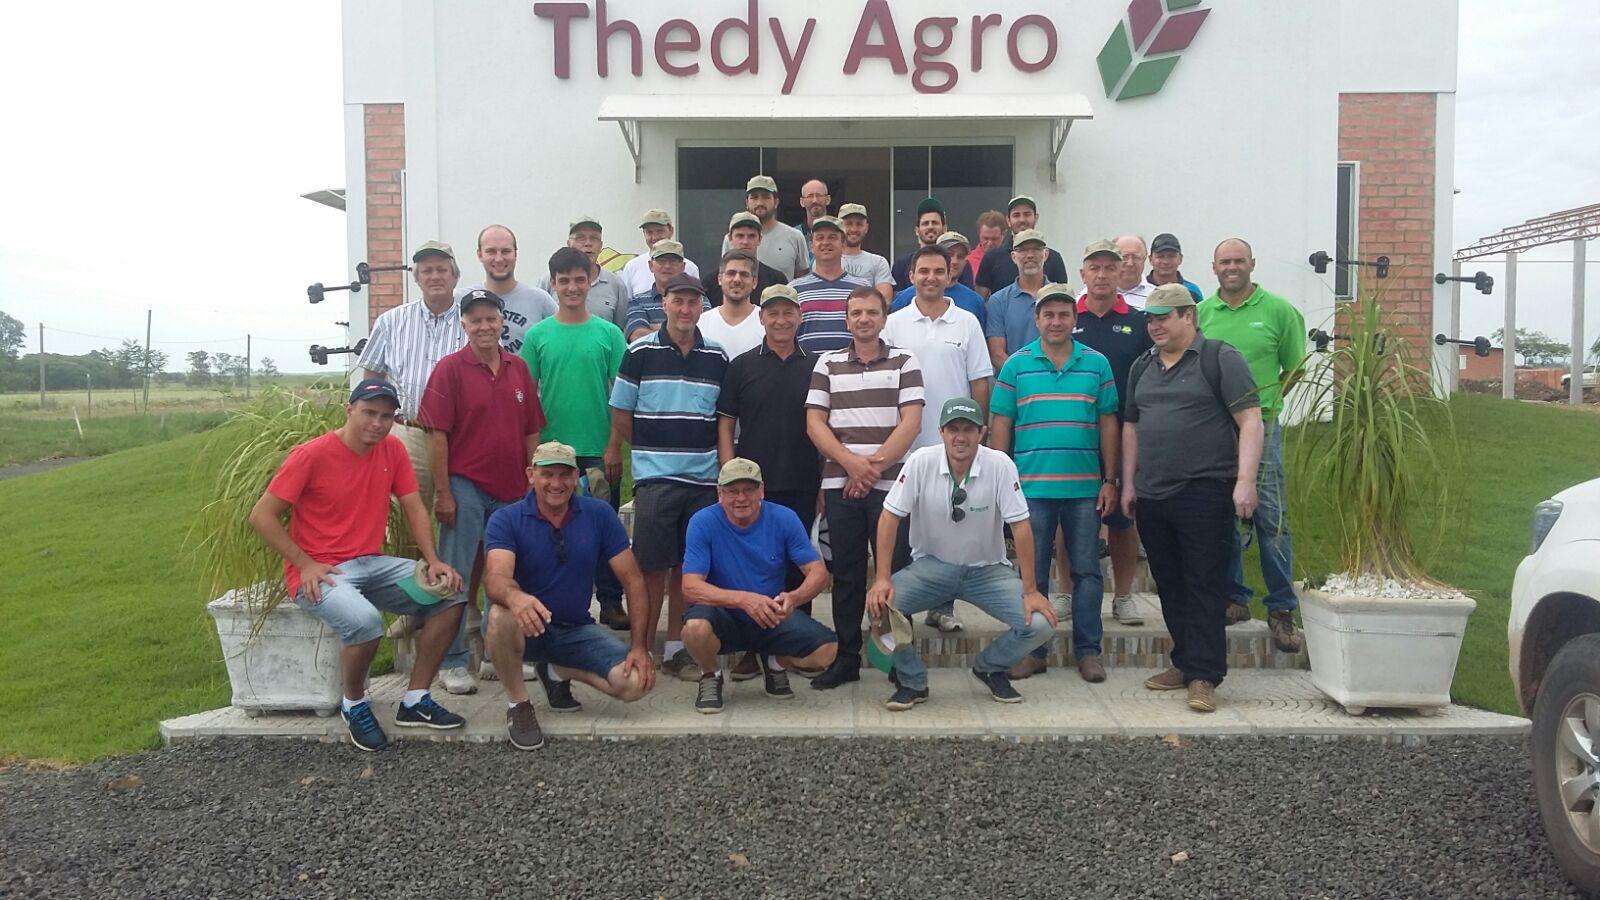 Visita de produtores de Santa Catarina a ThedyAgro